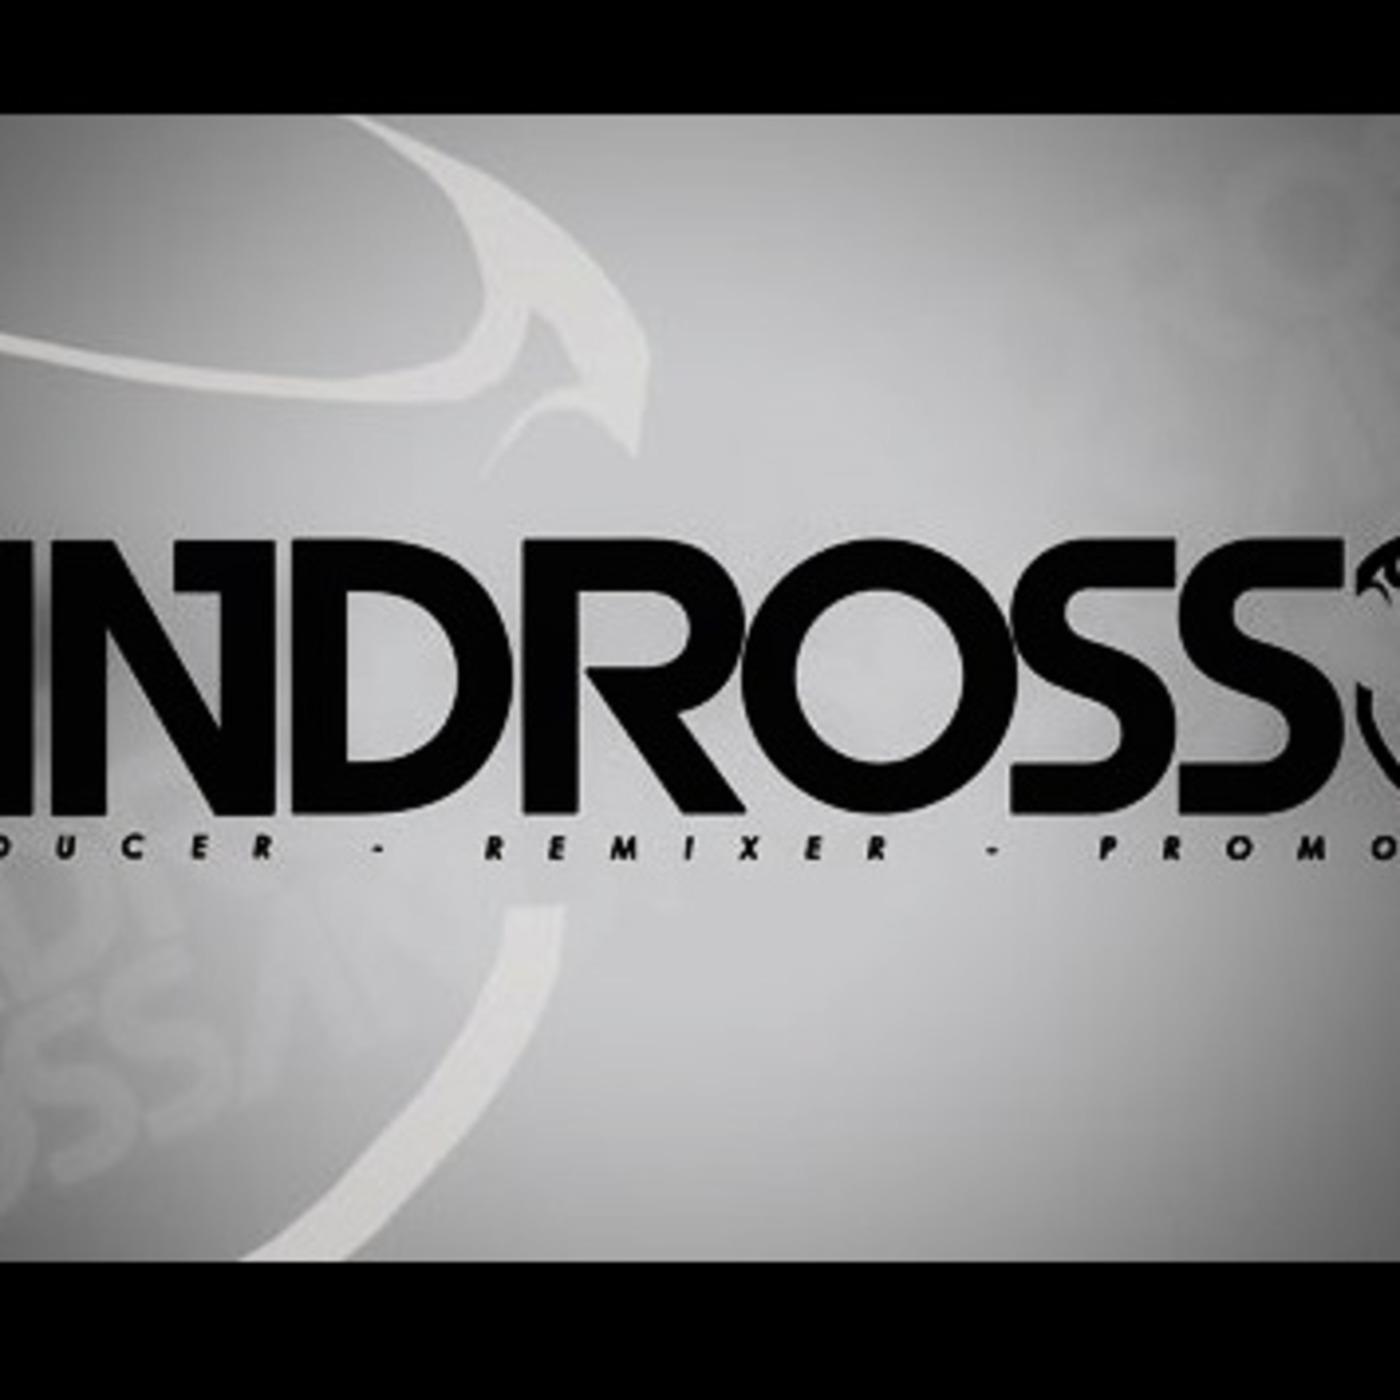 DJ ANDROSS